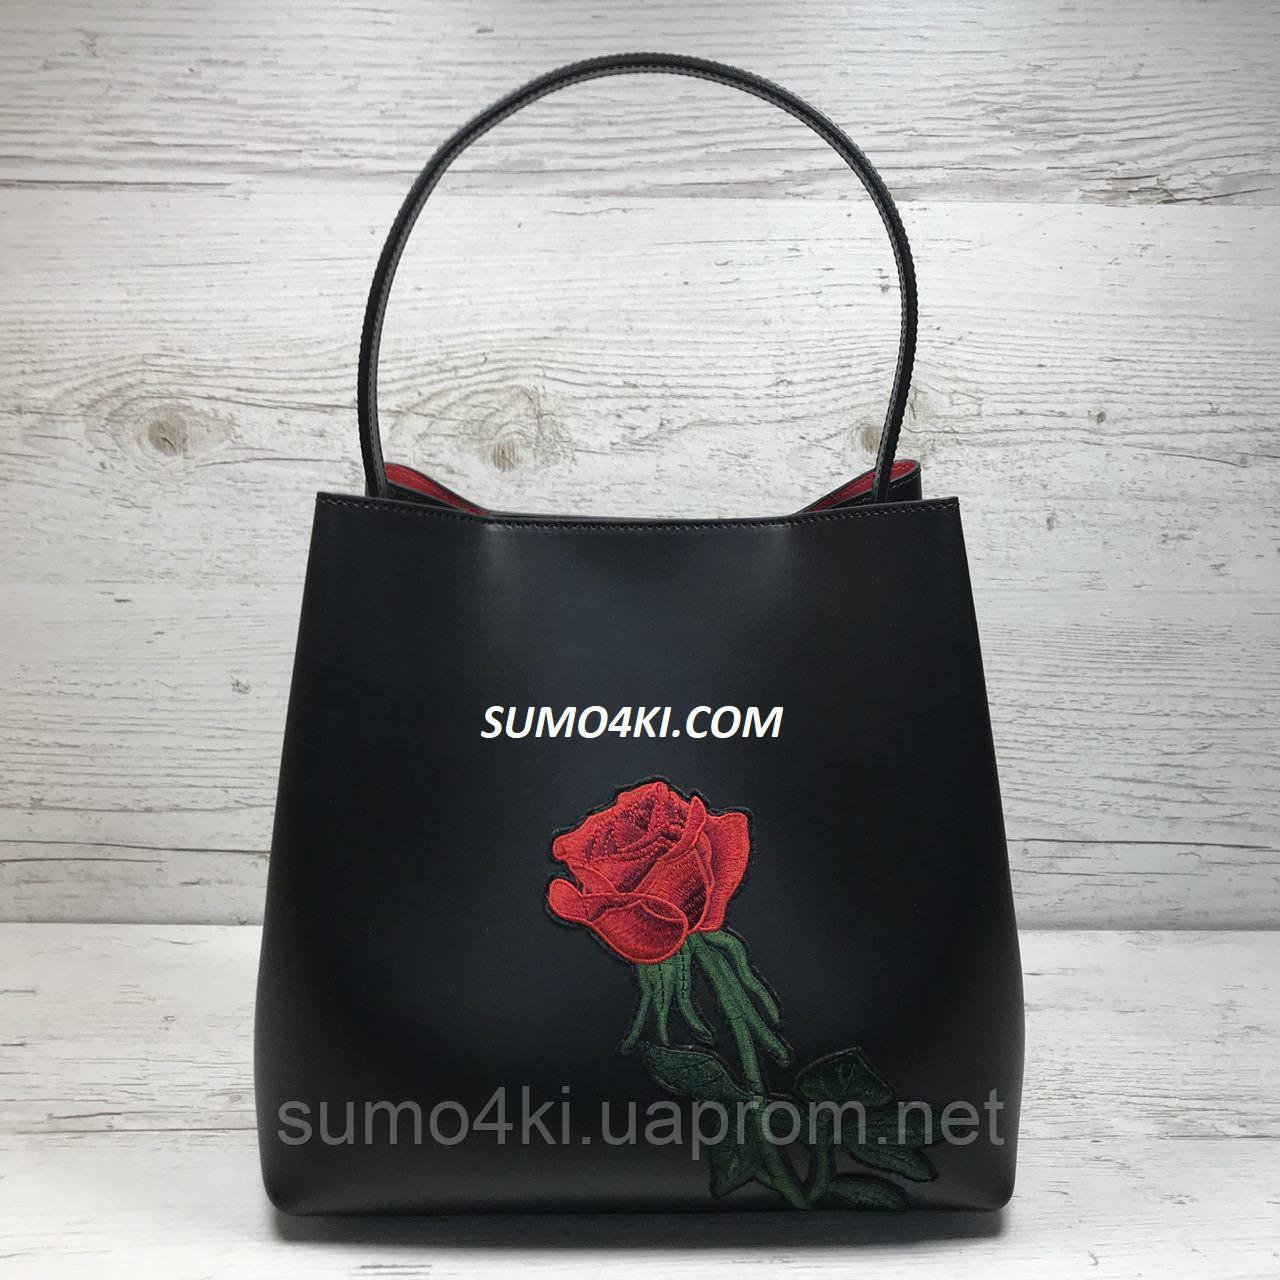 7590cd074334 Купить Женскую кожаную сумку Италию с вышивкой оптом и в розницу в ...